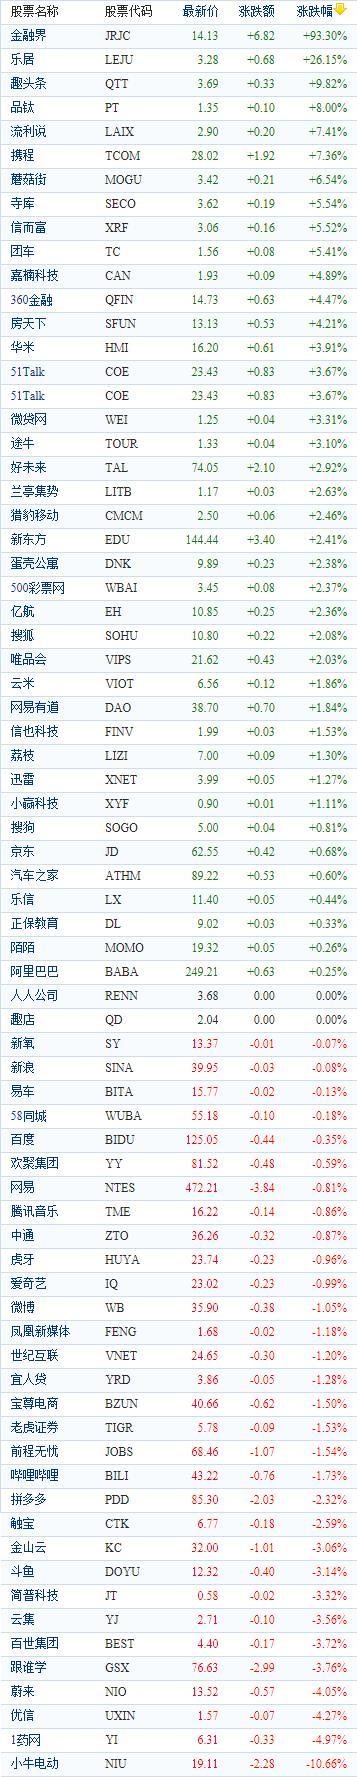 中国概念股周三收盘涨跌互现 金融界飙涨近94%